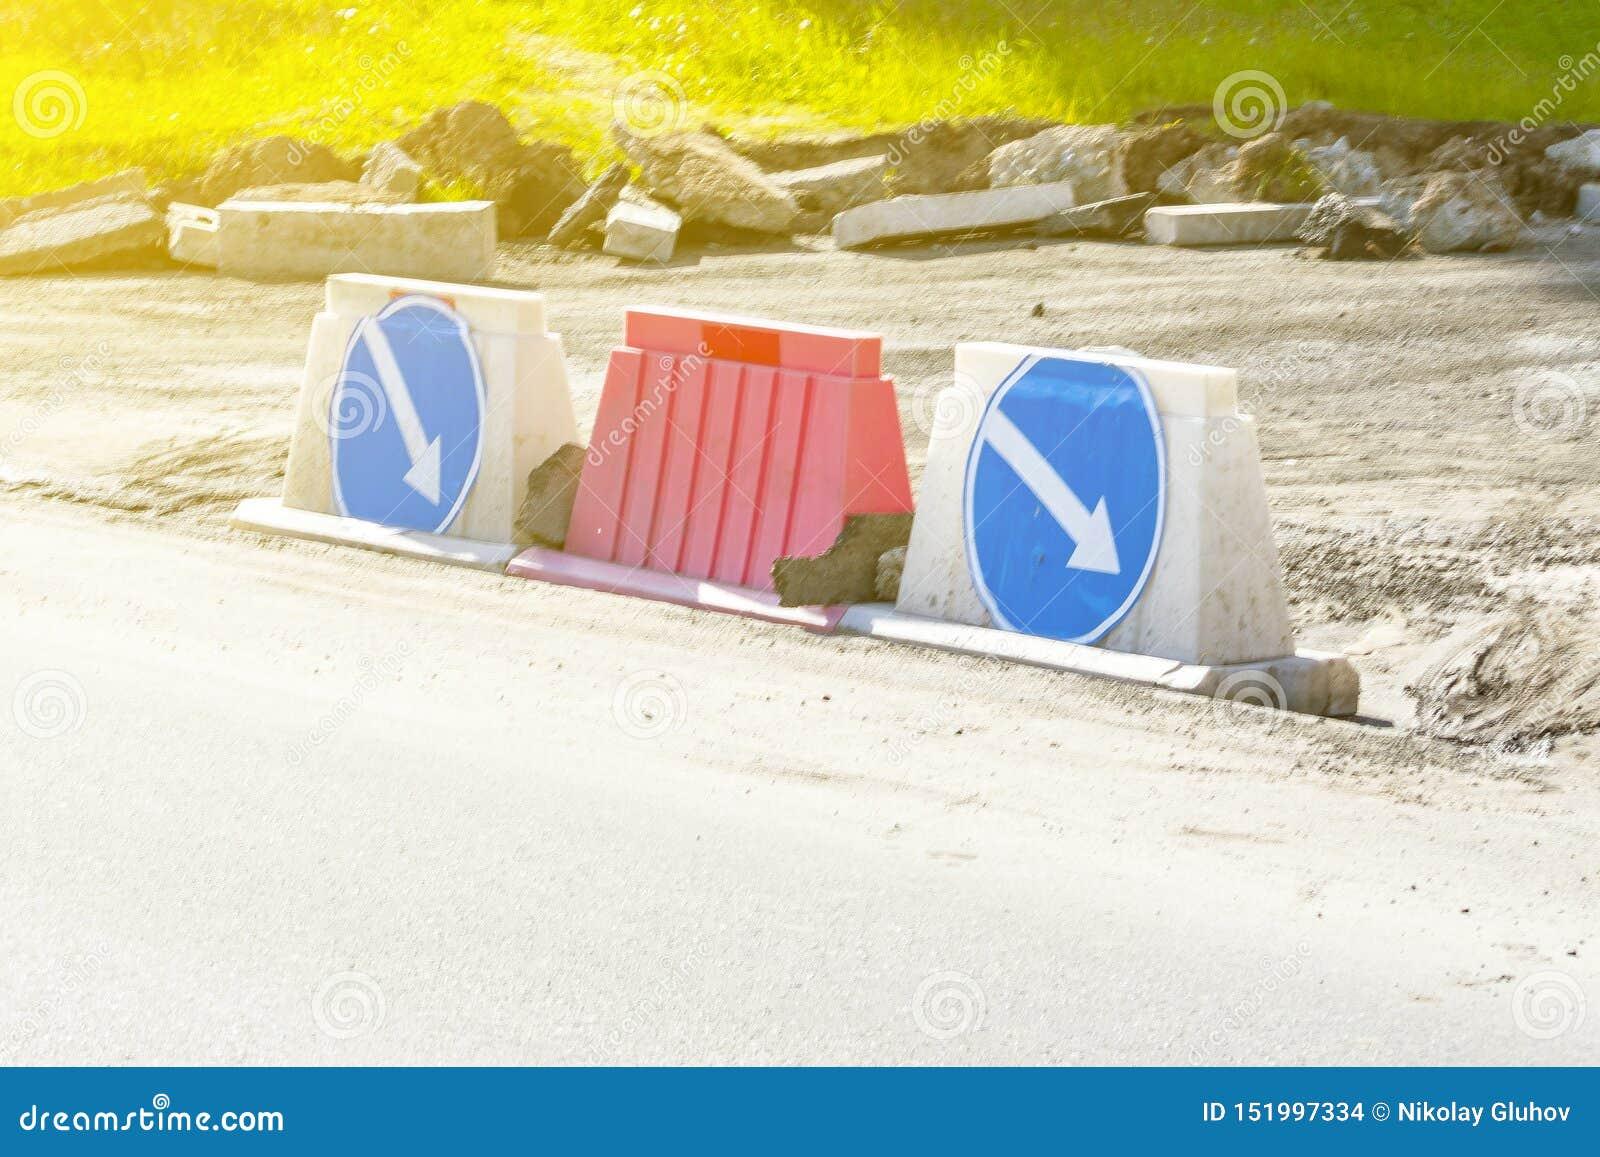 Sobreposições dos postes de amarração da estrada e sinais de estrada plásticos com setas em um fundo azul - rodeio à direita